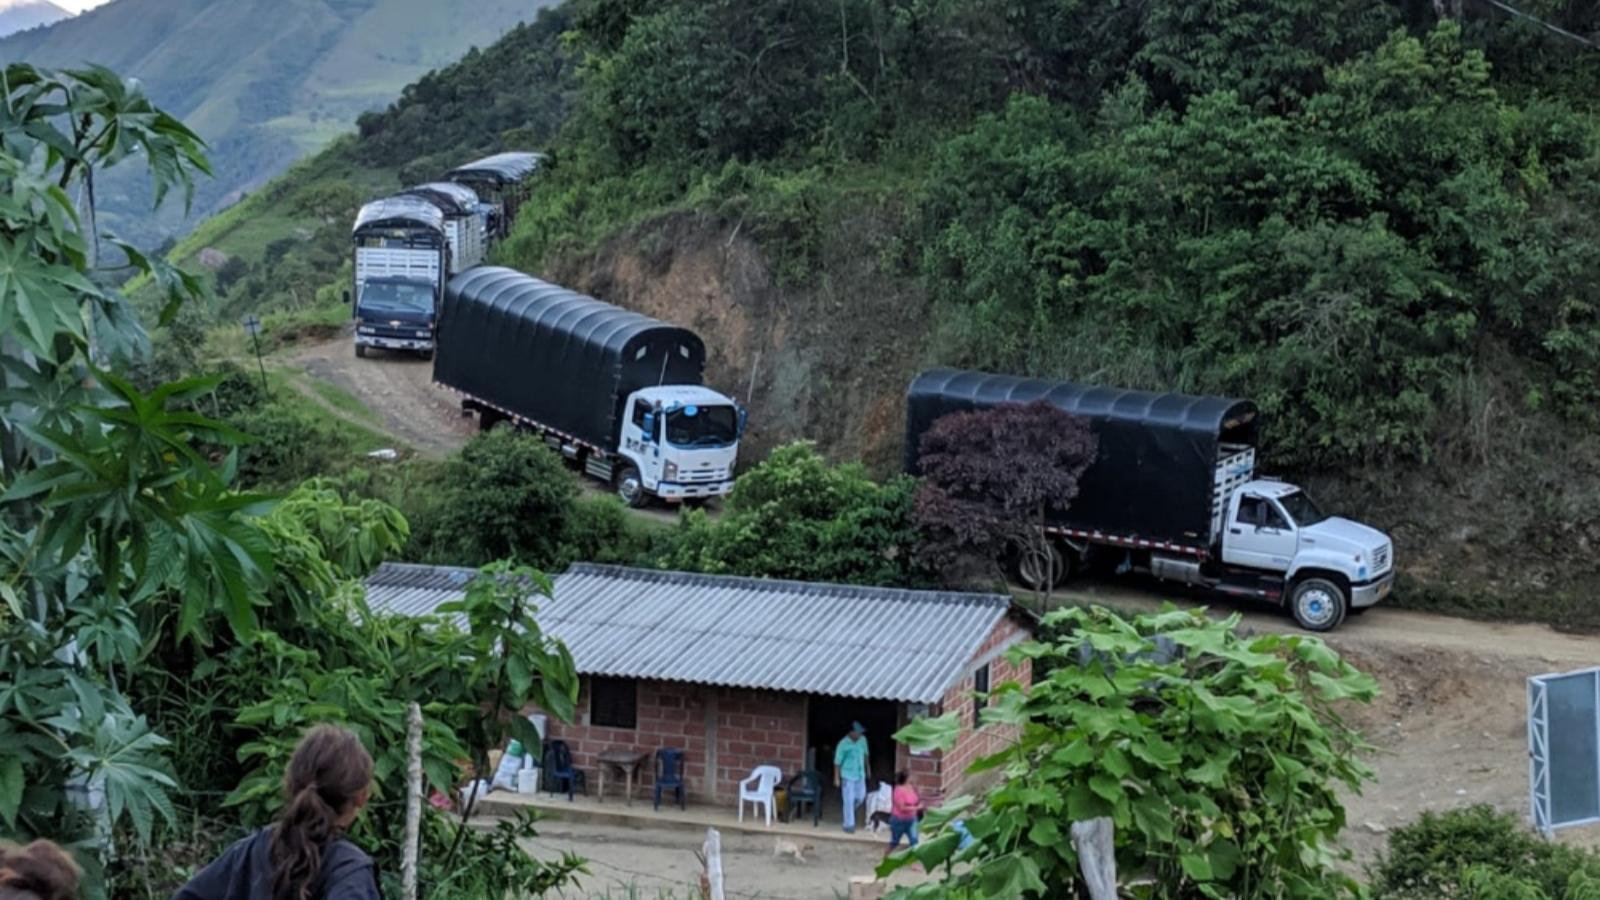 Excombatientes salen de Ituango a Mutatá por inseguridad